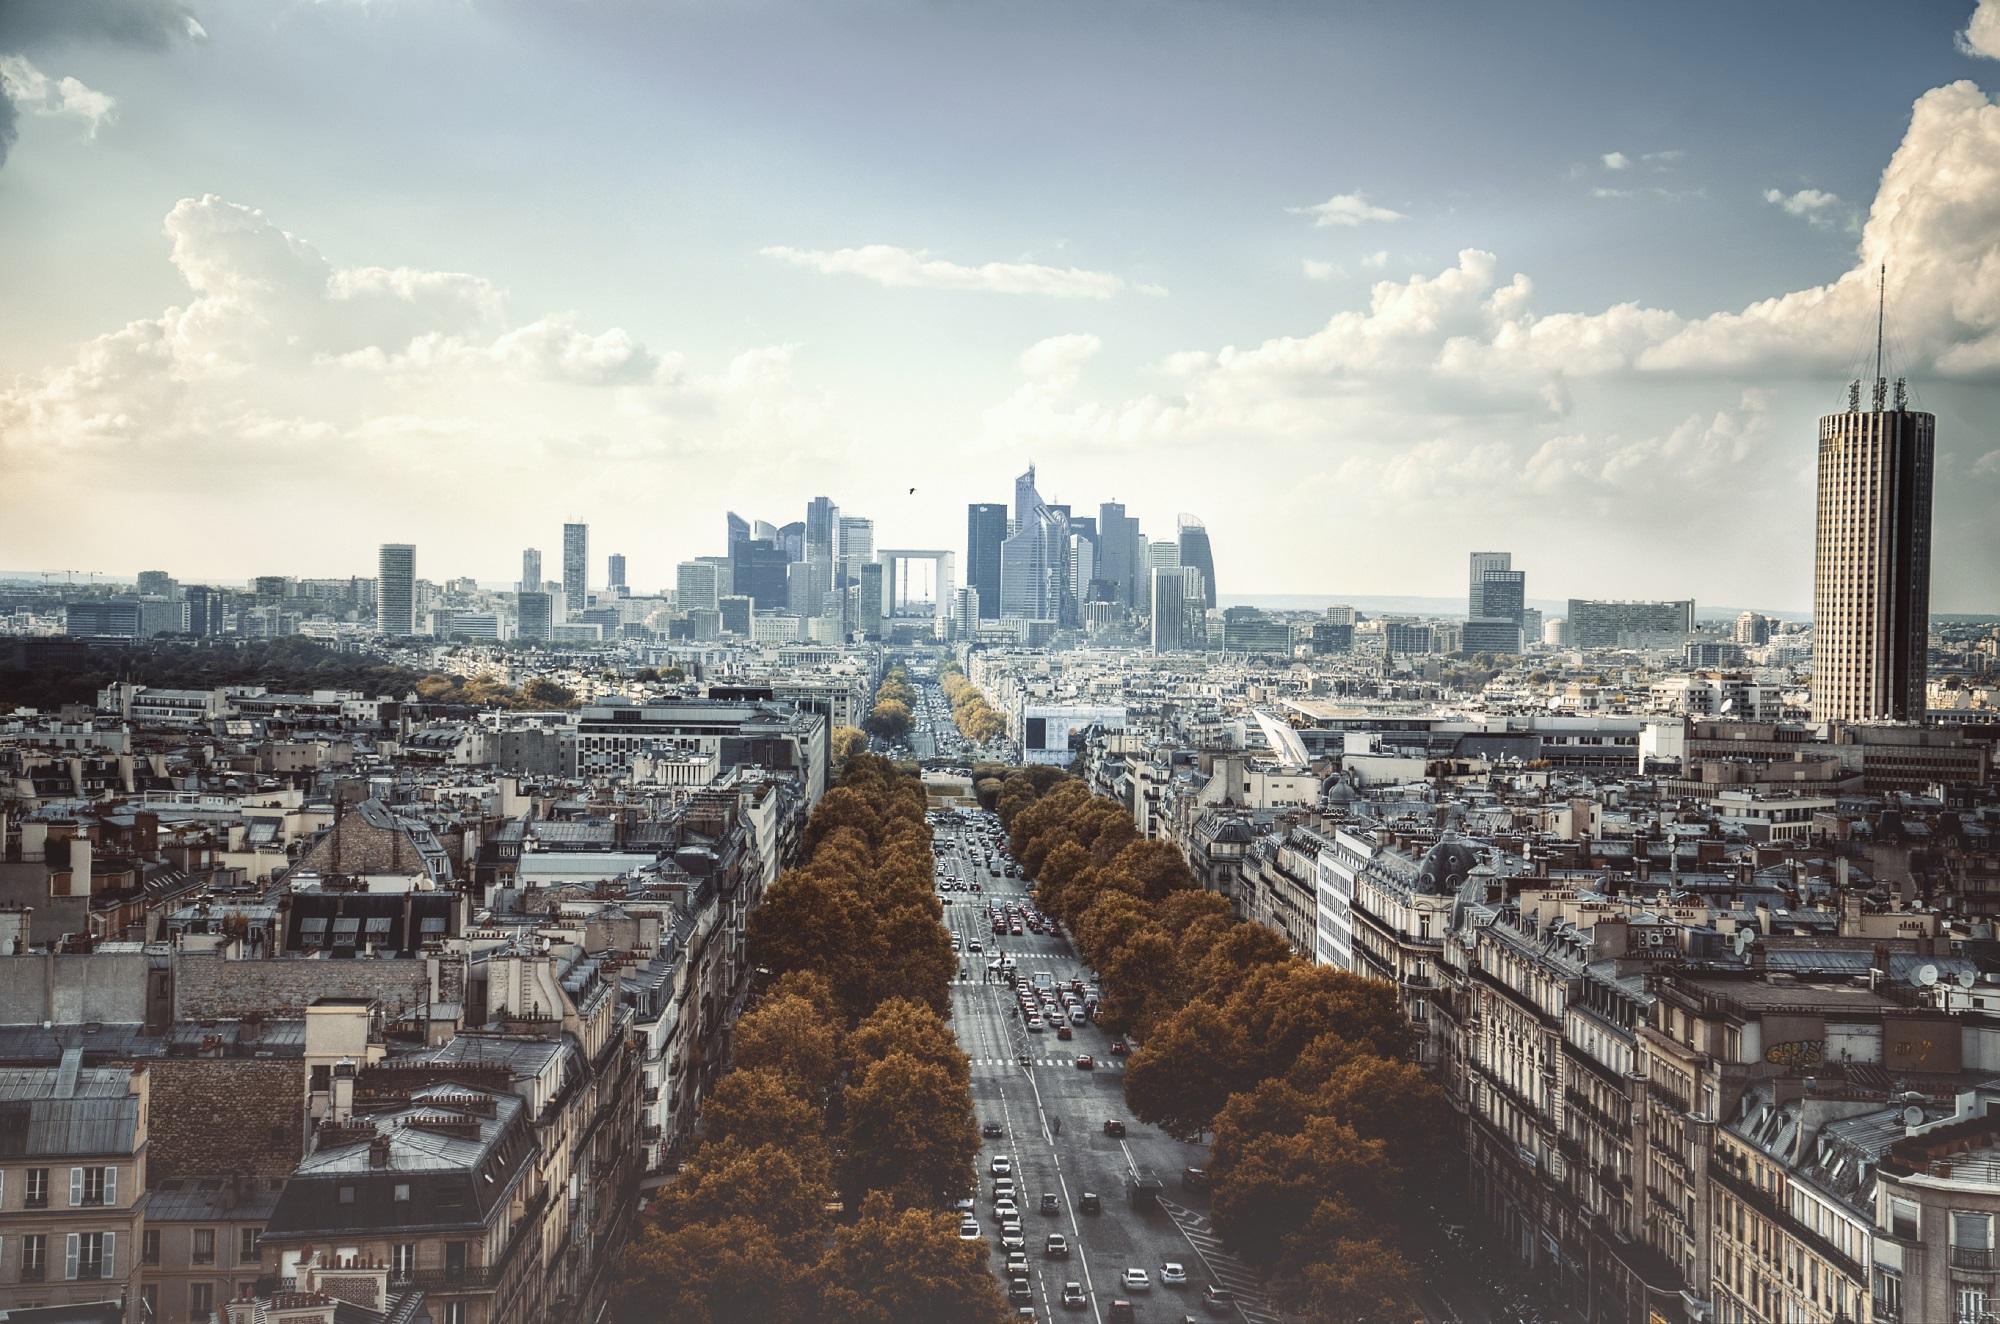 Immobilier francilien : vers un rebond en 2016 dans le neuf